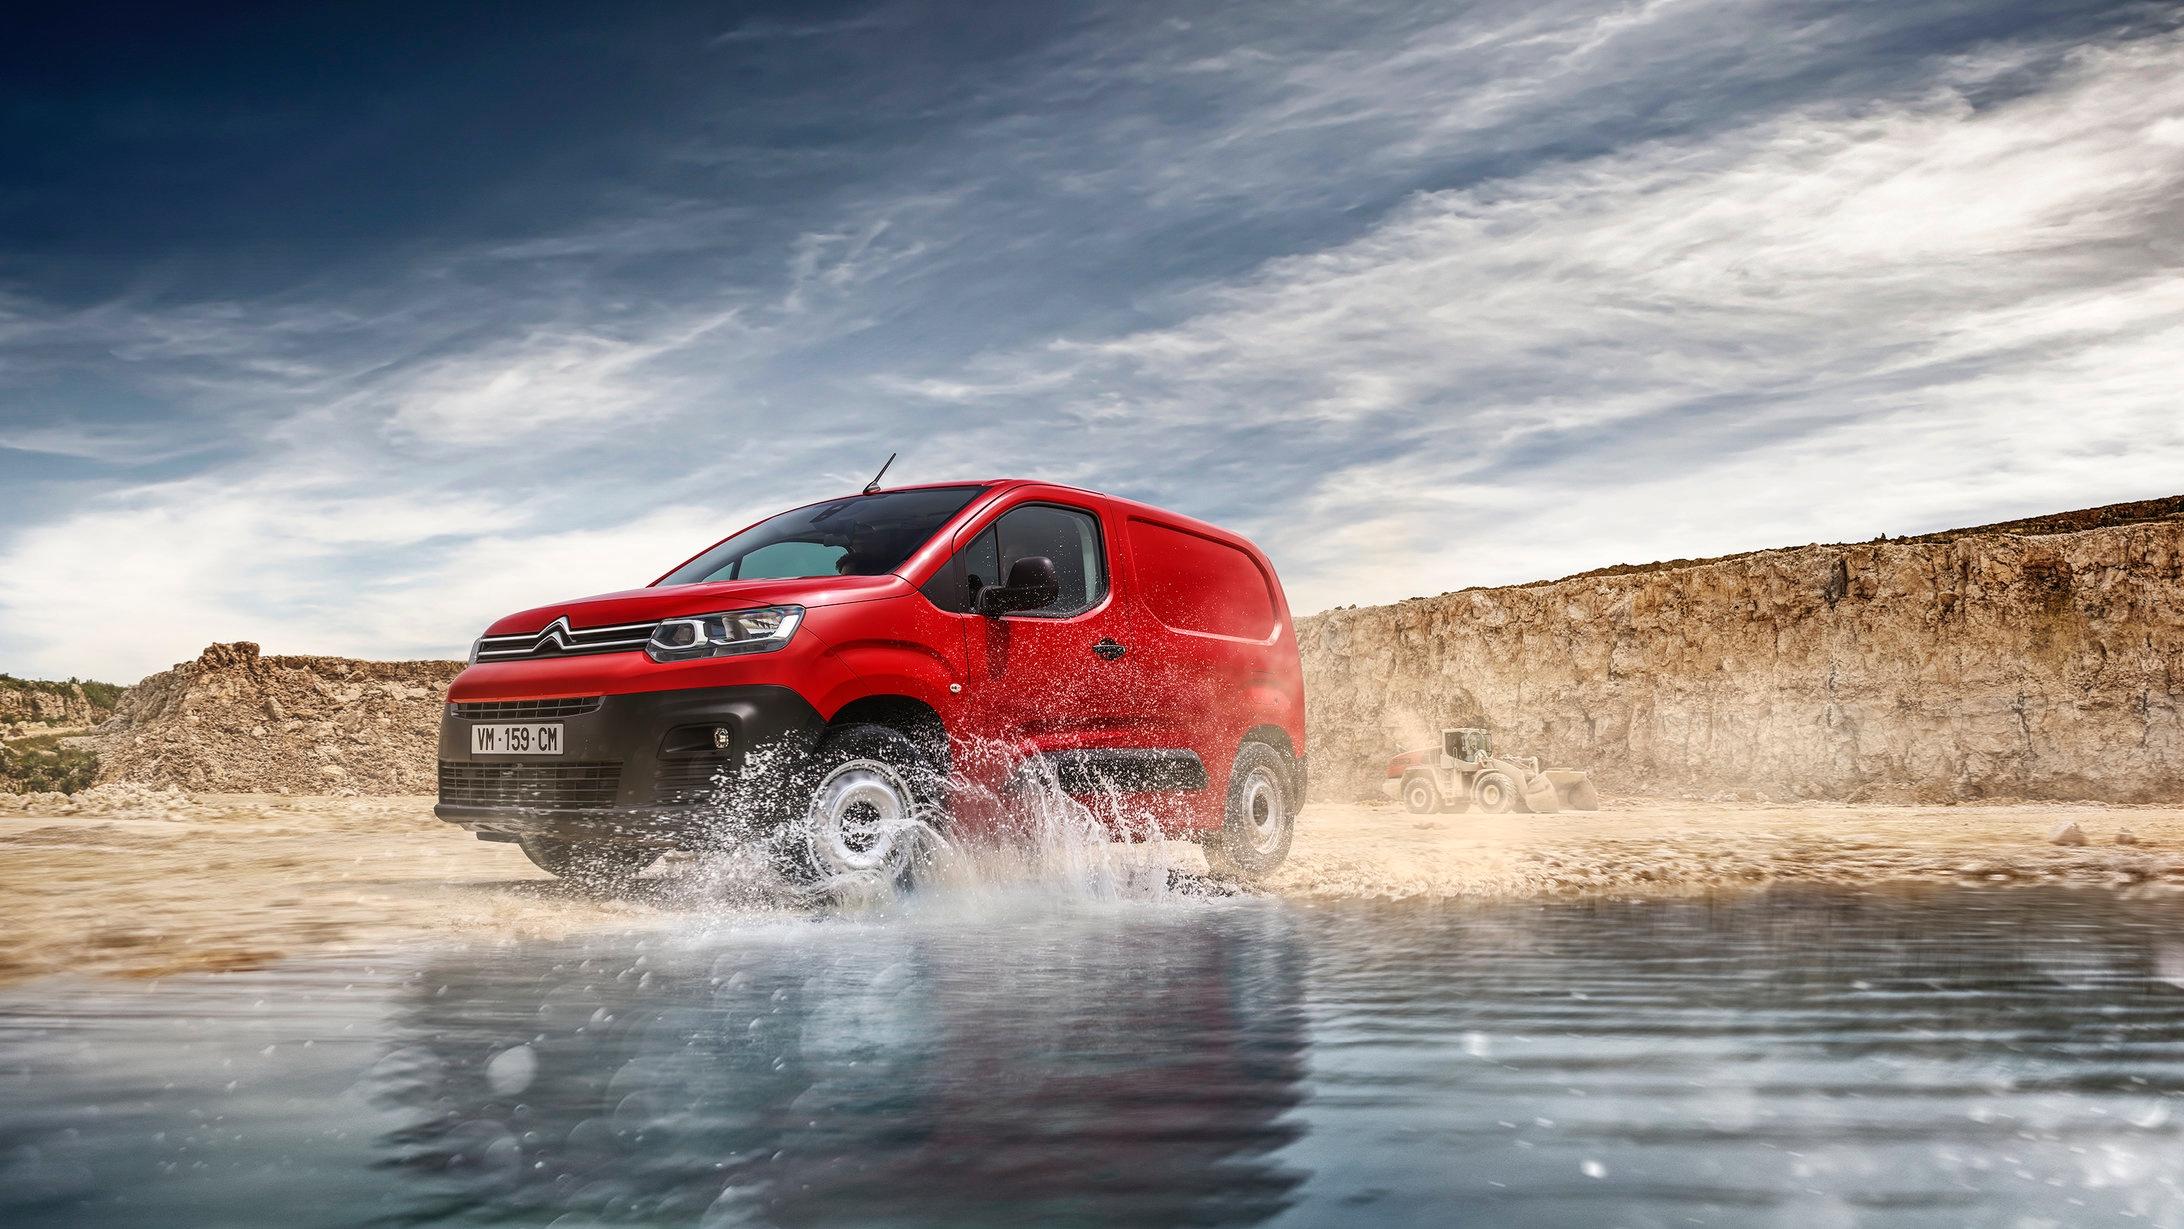 Nye-berlingo-arets-varebil-2019-best-i-test.jpg